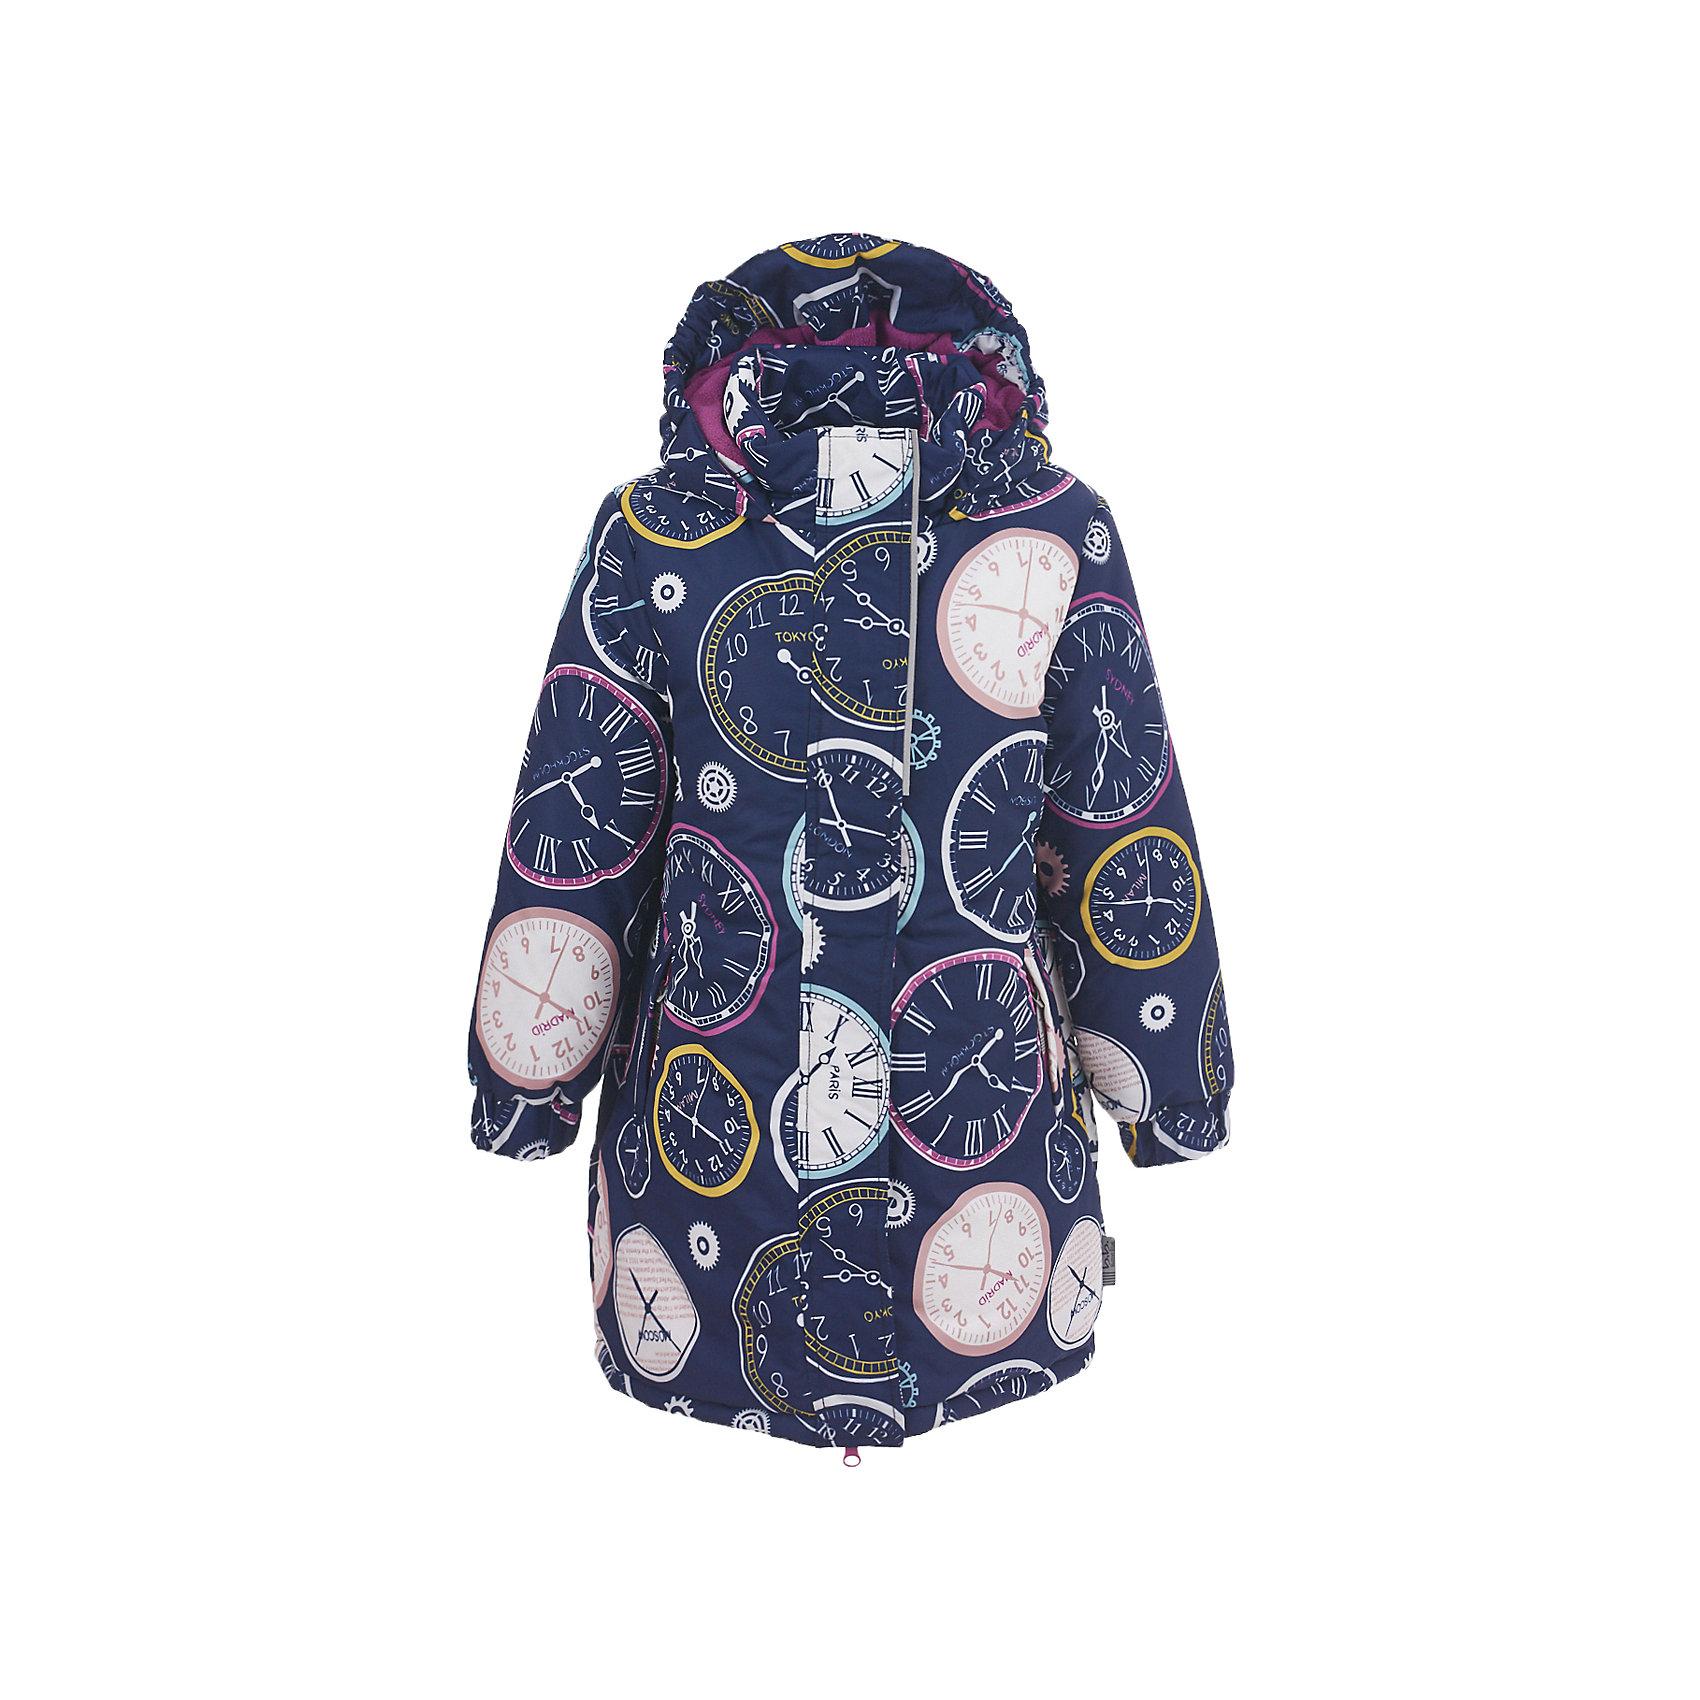 Пальто зимнее Button Blue для девочкиВерхняя одежда<br>Характеристики товара:<br><br>• цвет: темно-синий;<br>• состав: 100% полиэстер;<br>• подкладка: 100% полиэстер, флис;<br>• утеплитель: 100% полиэстер;<br>• сезон: зима;<br>• температурный режим: от 0 до -20С;<br>• застежка: молния с защитой подбородка;<br>• дополнительная защитная планка на липучках;<br>• подкладка из флиса до талии, ниже гладкая подкладка;<br>• мягкие эластичные манжеты;<br>• водоотталкивающая ткань;<br>• карманы на молнии;<br>• страна бренда: Россия;<br>• страна изготовитель: Китай.<br><br>Яркое пальто из мембранной плащевки понравится всем любителям активных прогулок! Пальто сделано с соблюдением основных технологических особенностей производства спортивной одежды. Оно не промокает, сохраняет тепло, трикотажная подкладка из мягкого флиса создает комфорт при длительной носке, утяжки защищают от продувания, светоотражающие элементы обеспечивают безопасность ребенка. Водоотталкивающая ткань с оригинальным рисунком делает пальто запоминающимся.<br><br>Пальто Button Blue (Баттон Блю) можно купить в нашем интернет-магазине.<br><br>Ширина мм: 356<br>Глубина мм: 10<br>Высота мм: 245<br>Вес г: 519<br>Цвет: темно-синий<br>Возраст от месяцев: 144<br>Возраст до месяцев: 156<br>Пол: Женский<br>Возраст: Детский<br>Размер: 158,116,98,104,110,122,128,134,140,146,152<br>SKU: 7039490